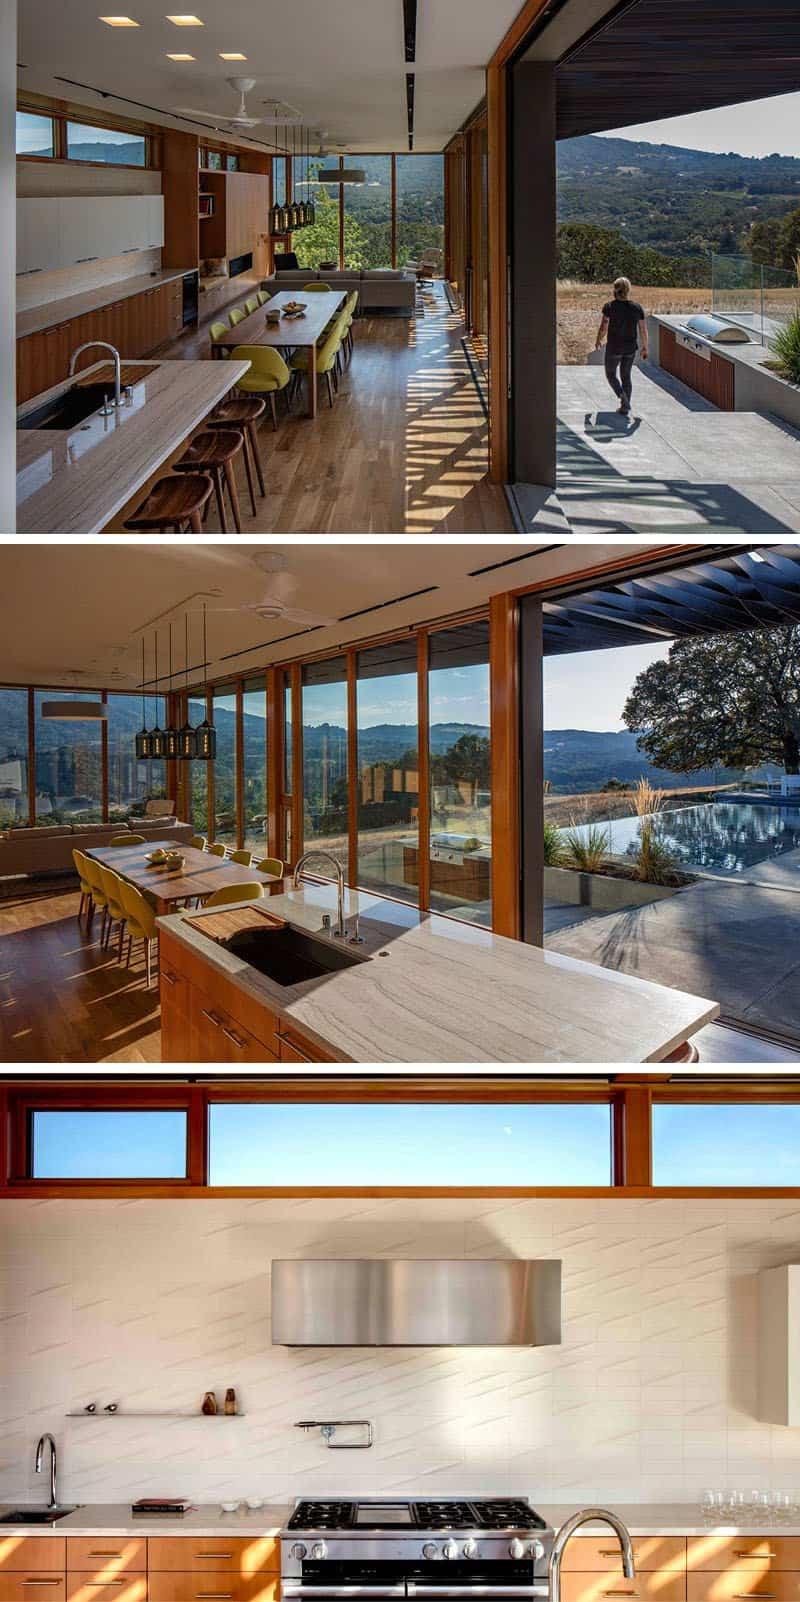 casa con vistas al valle de sonoma 6